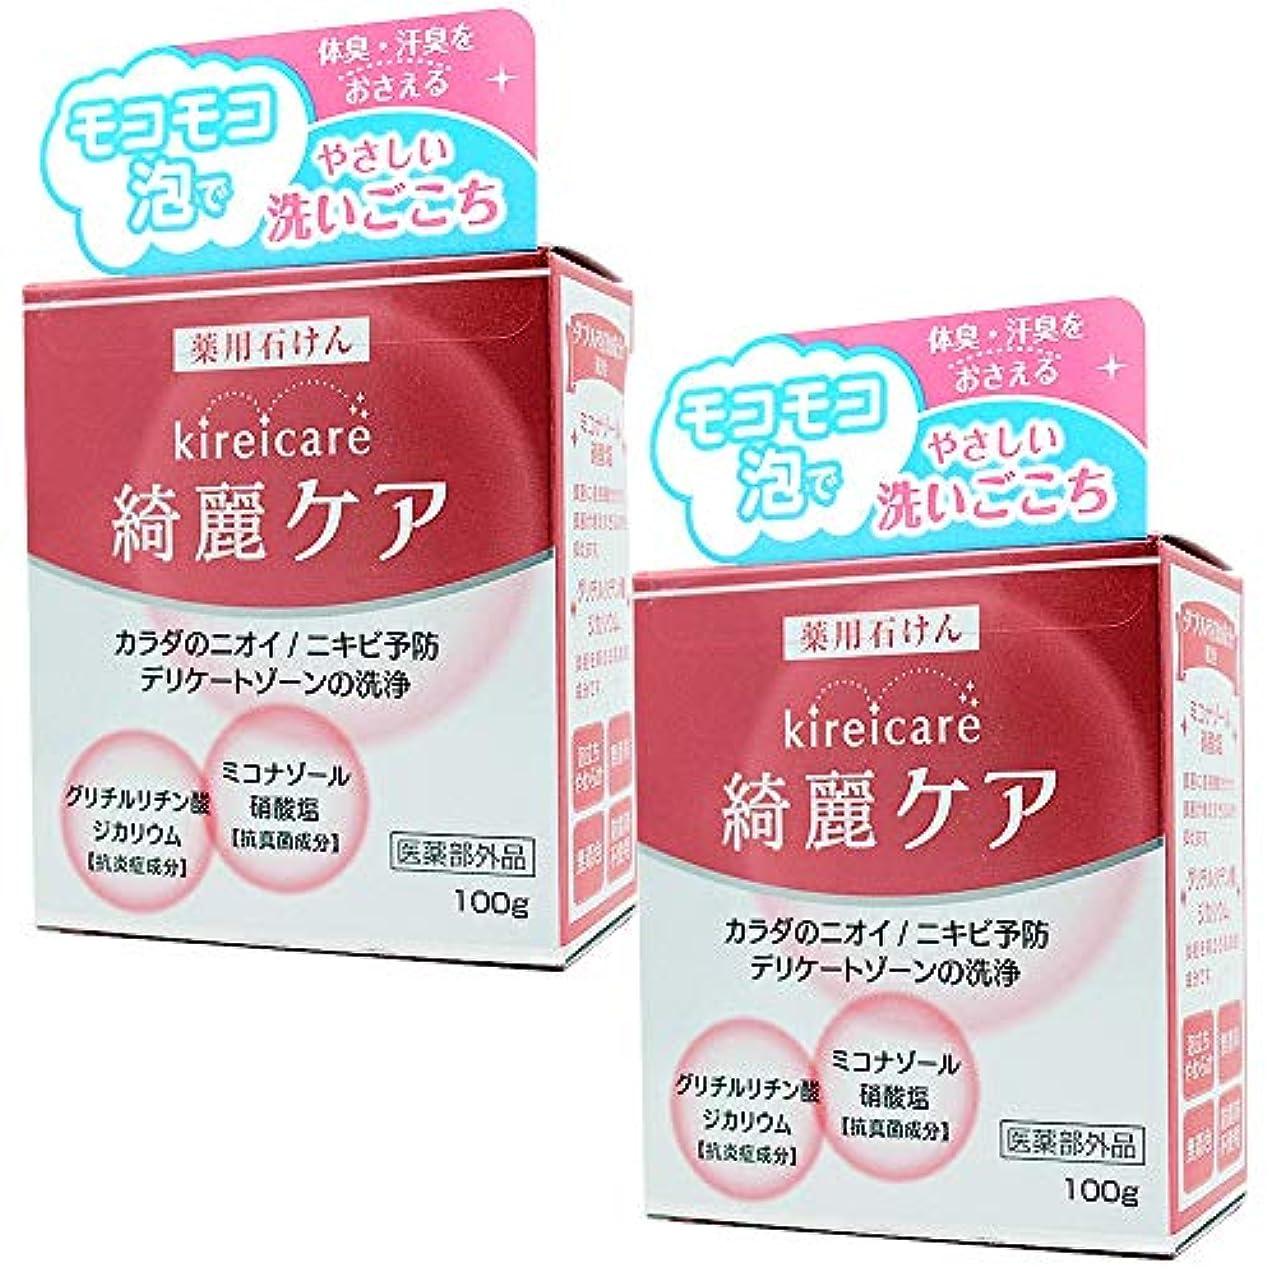 勇者荒らす企業白金製薬 ミコナゾール 綺麗ケア 薬用石けん 100g [医薬部外品] 2個セット